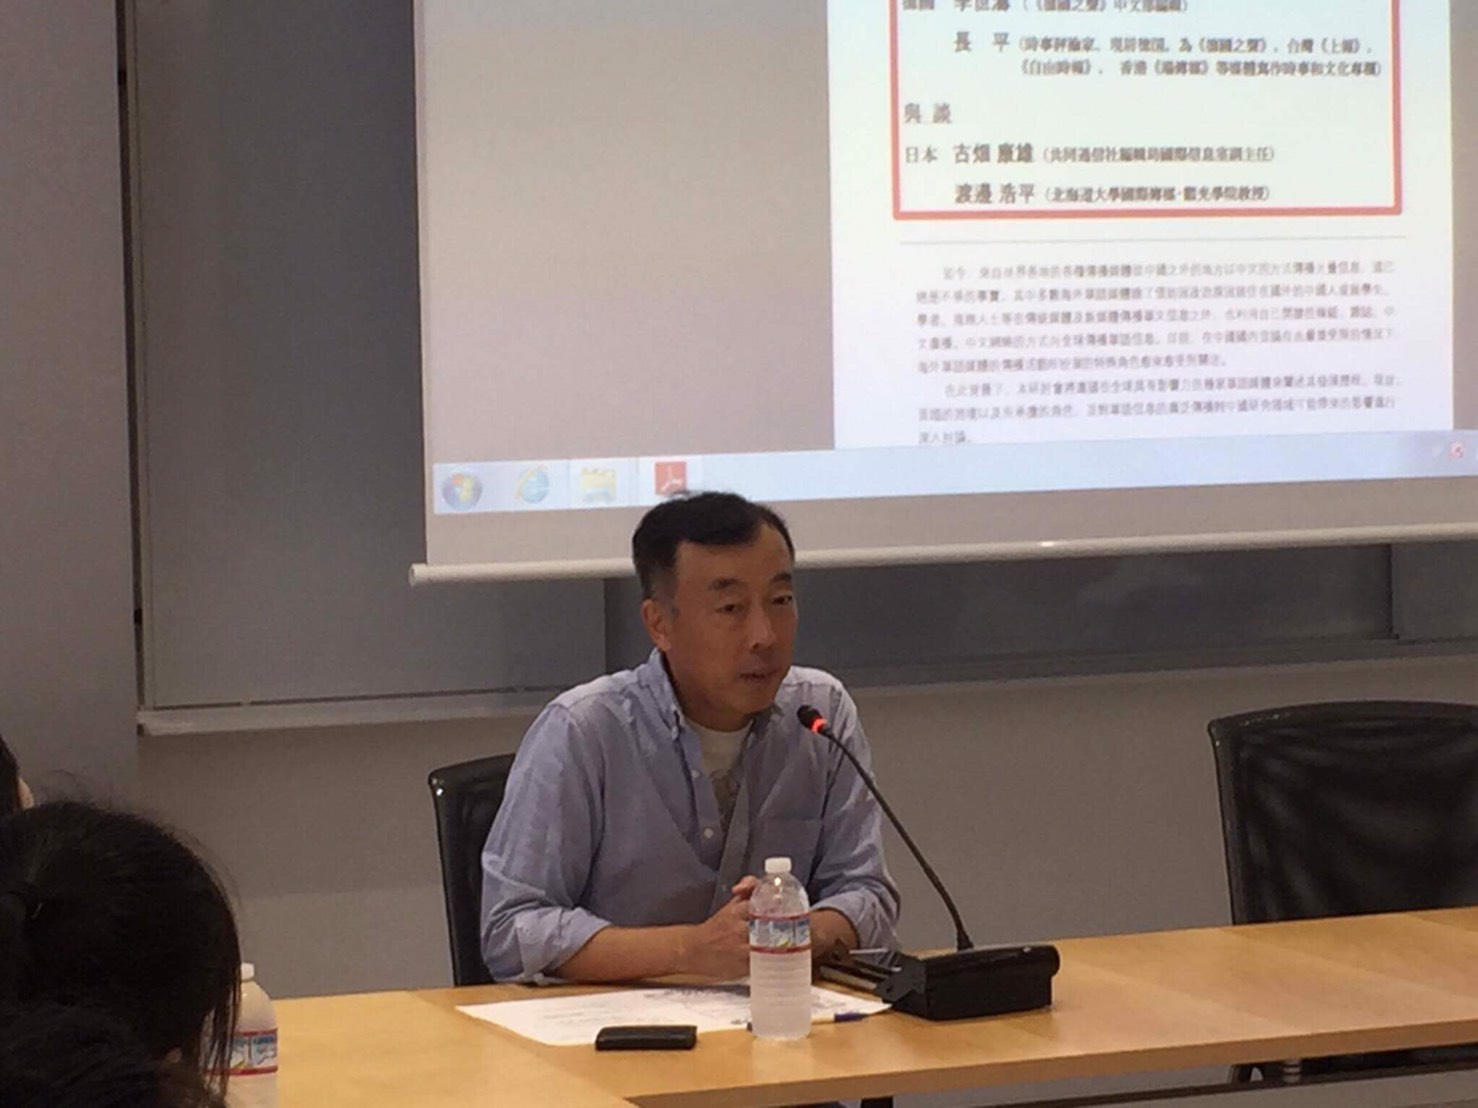 国際学術シンポジウム「世界の華語メディアの現状、困境、およびそれらの役割